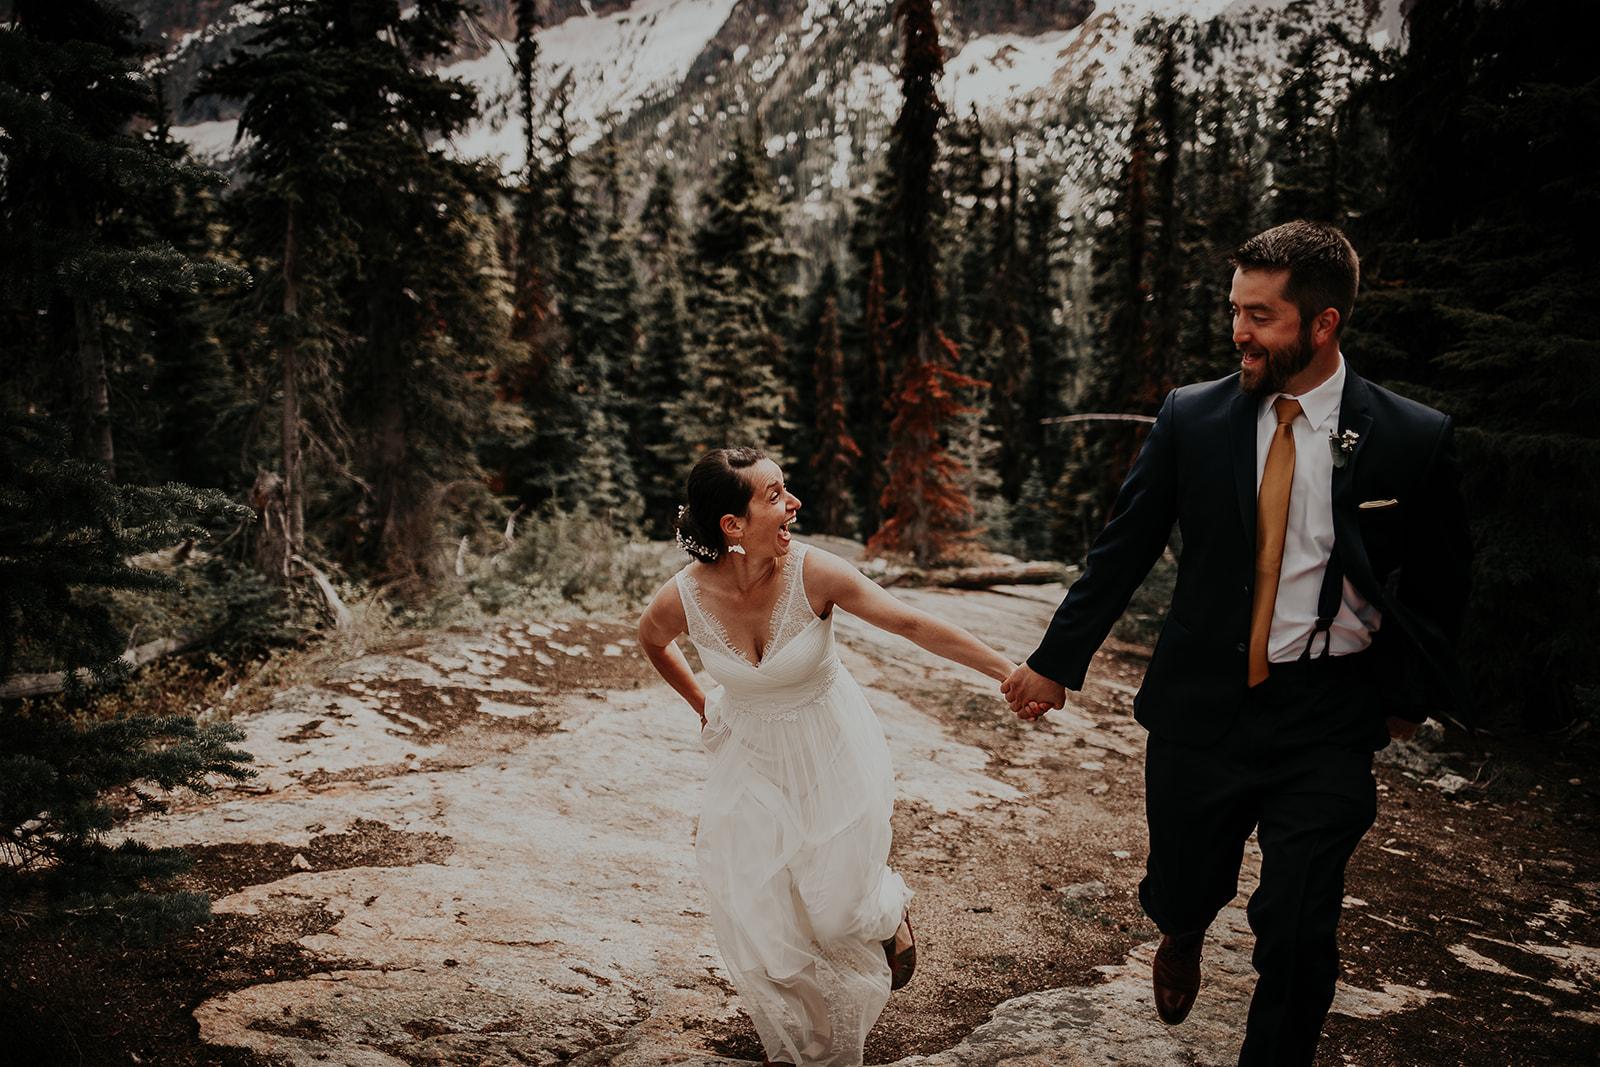 lisaandzack-north-cascades-elopement-wedding-megan-gallagher-photogarphy (14).jpg